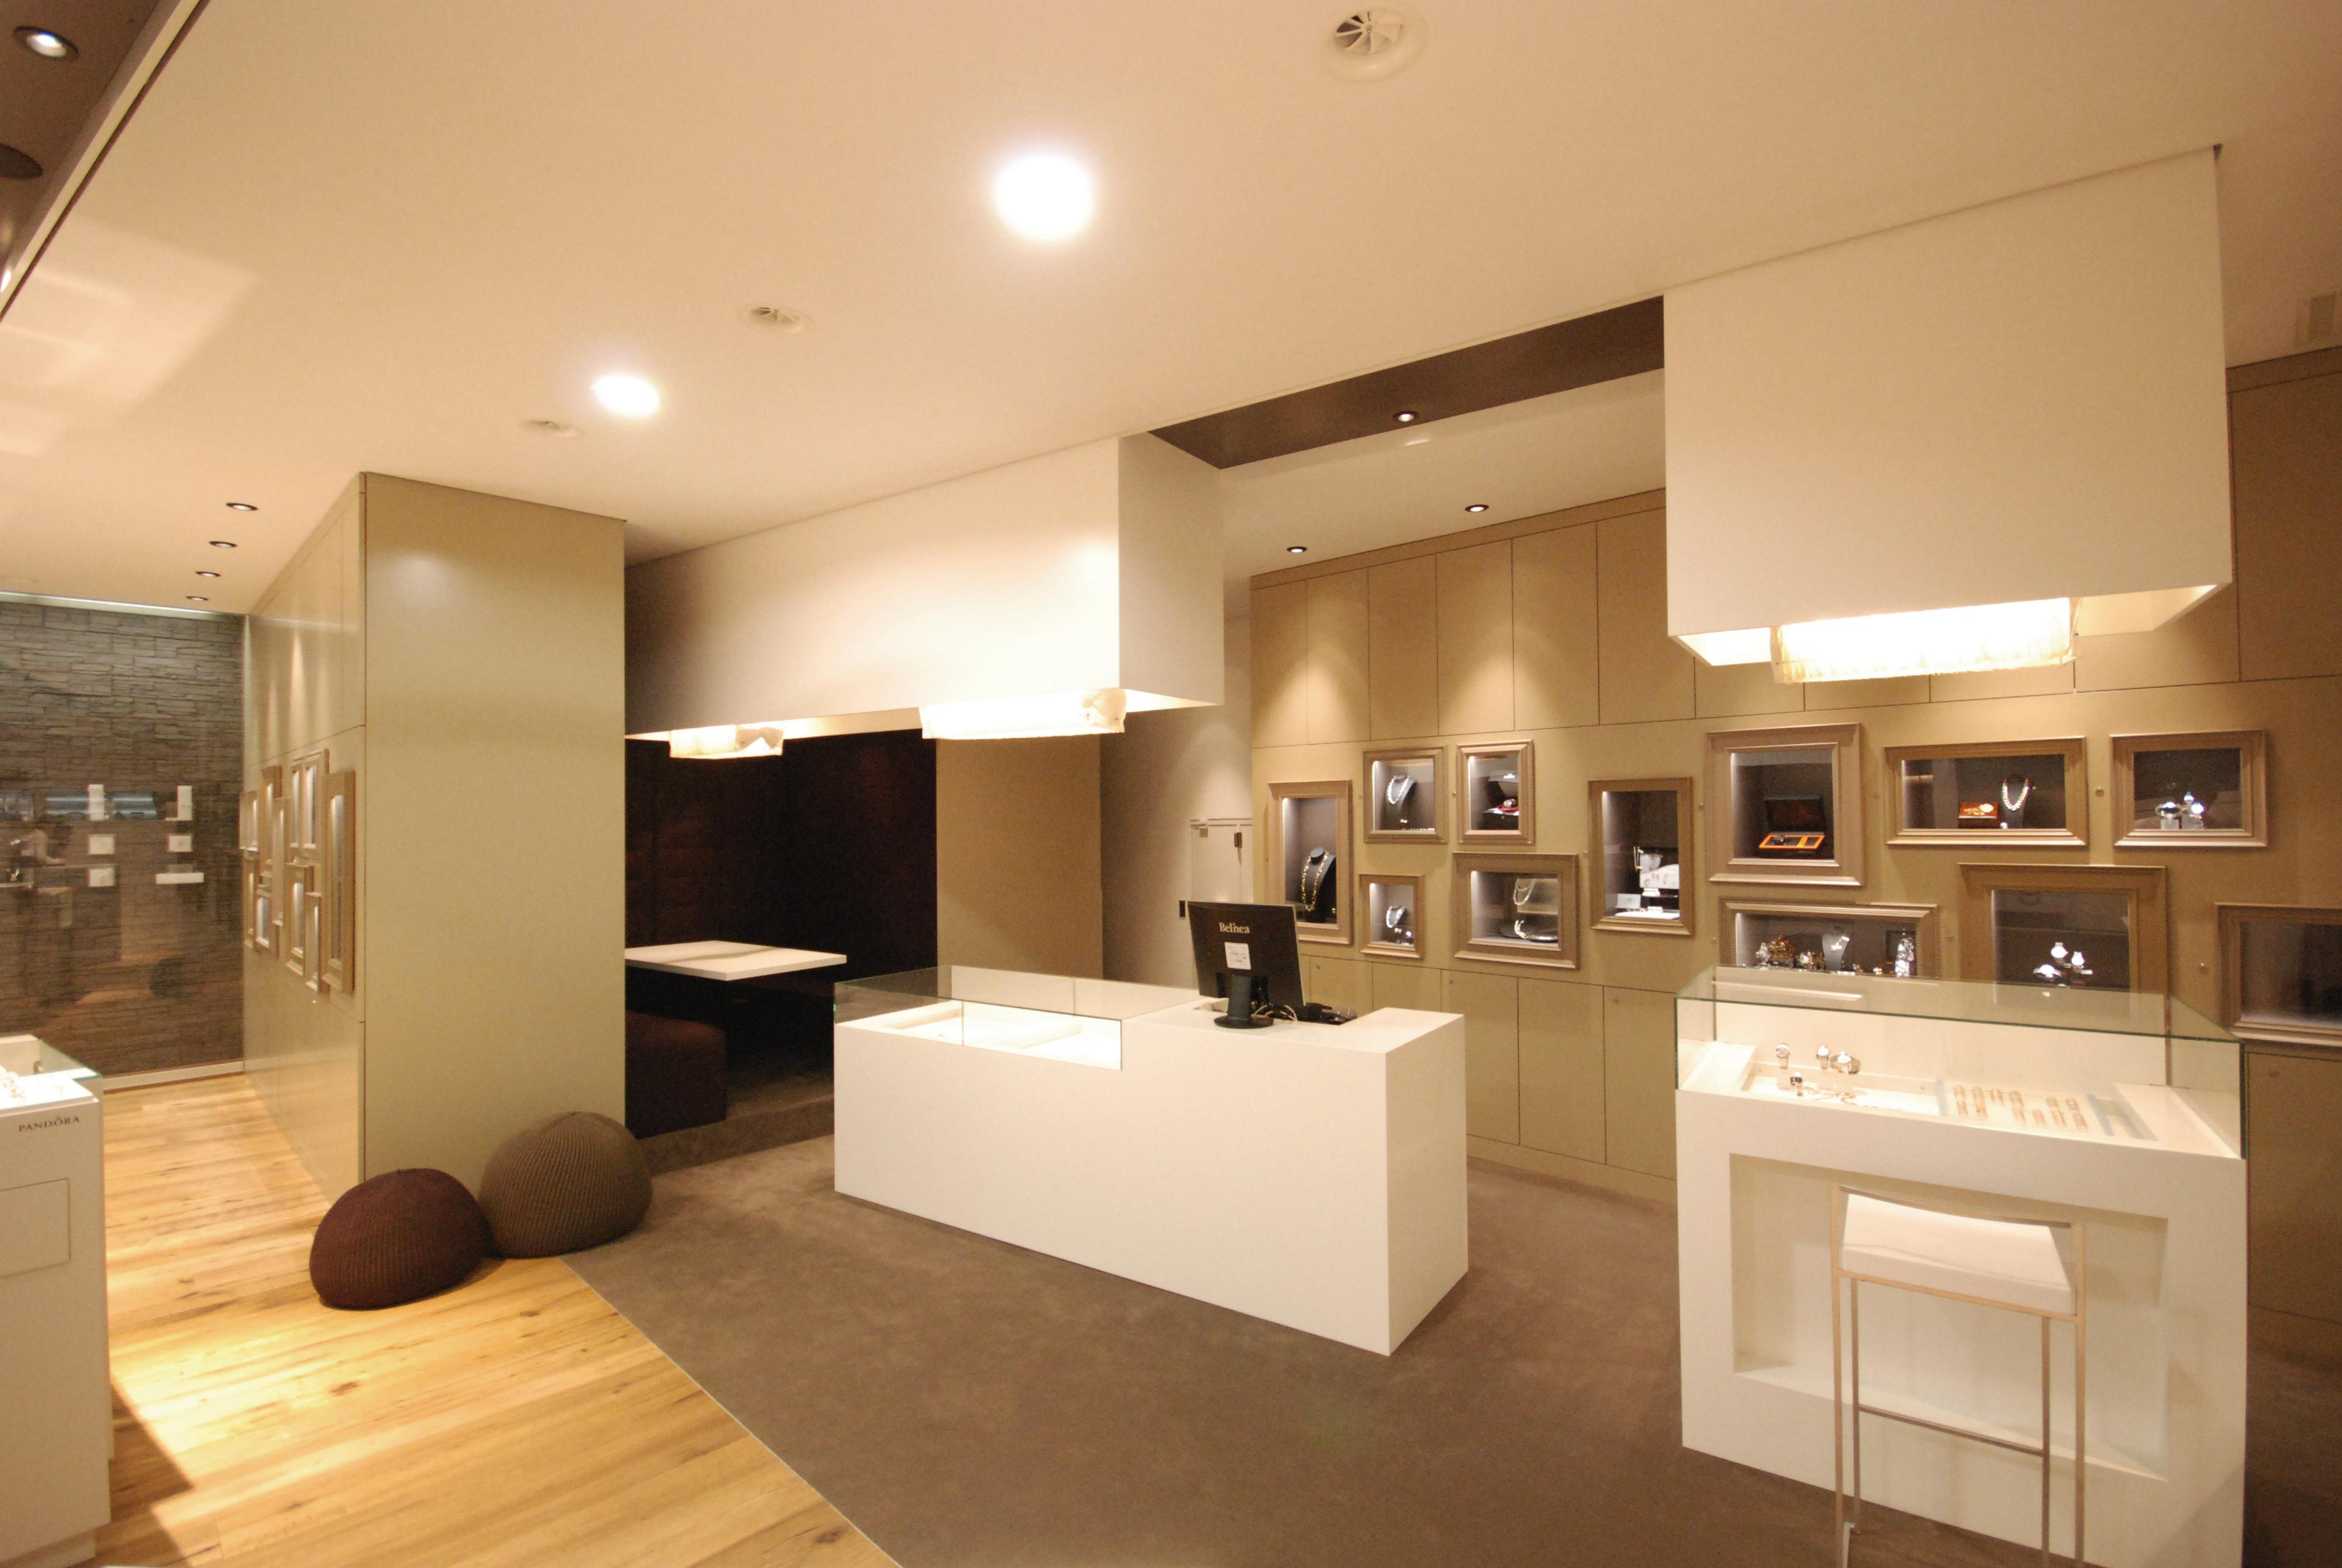 Bijouterie federer rorschach innenarchitektur for Design innenarchitektur